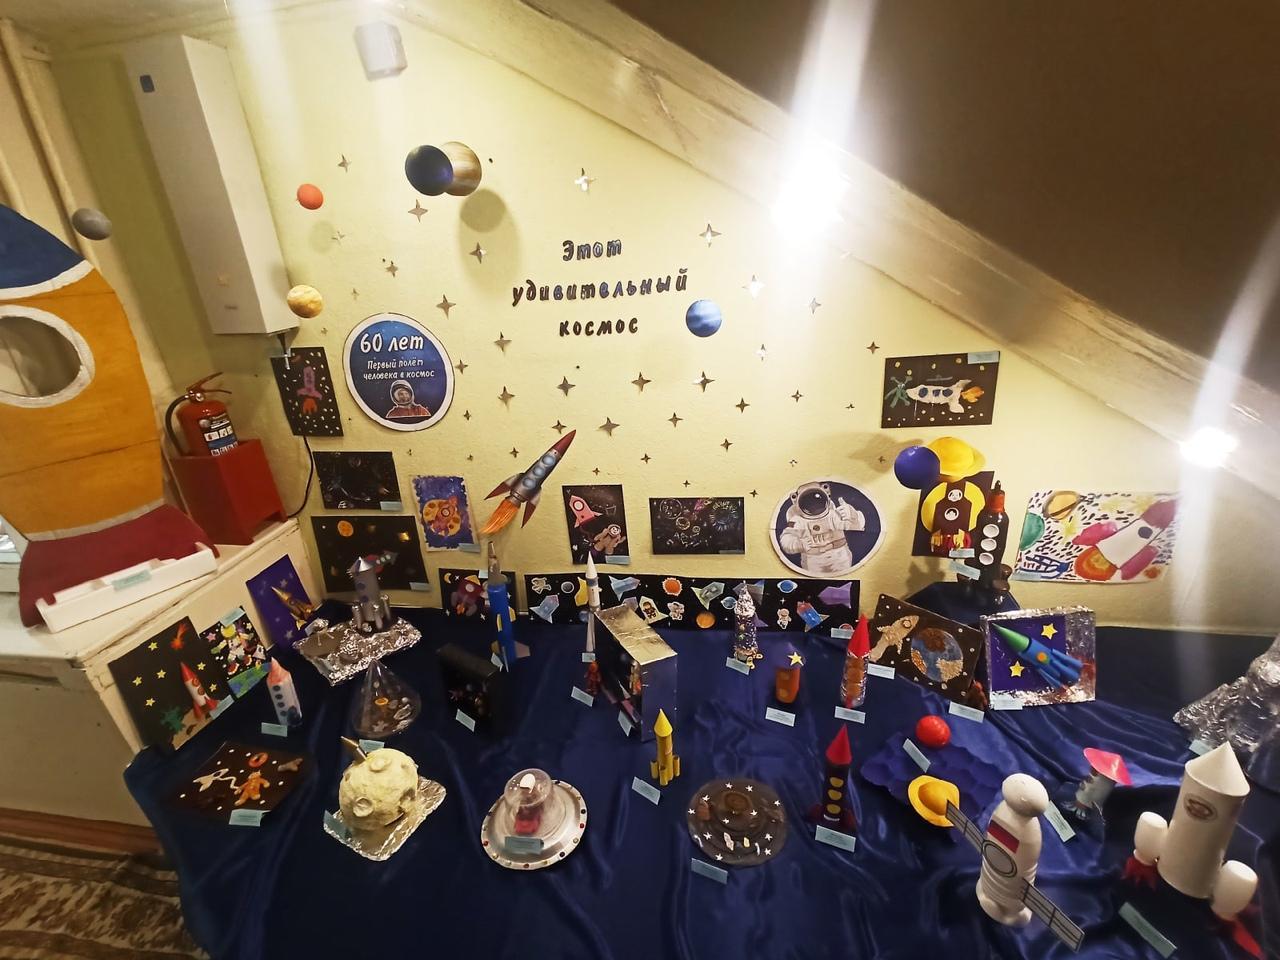 Выставка к 60-летию первого полета в космос